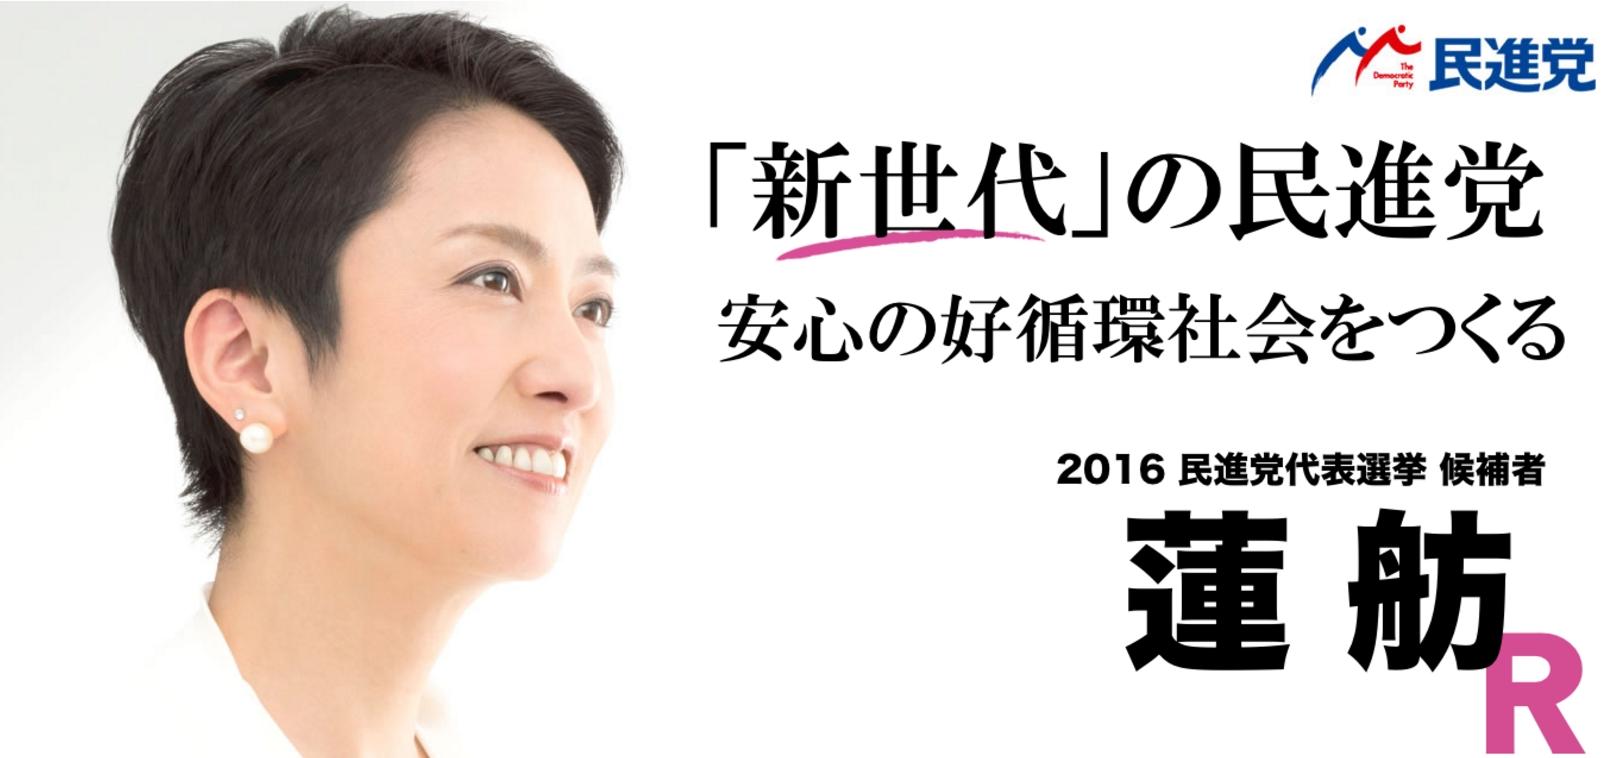 蓮舫議員が民進党新代表に就任!国籍問題で揉めるも大勢には影響せず!